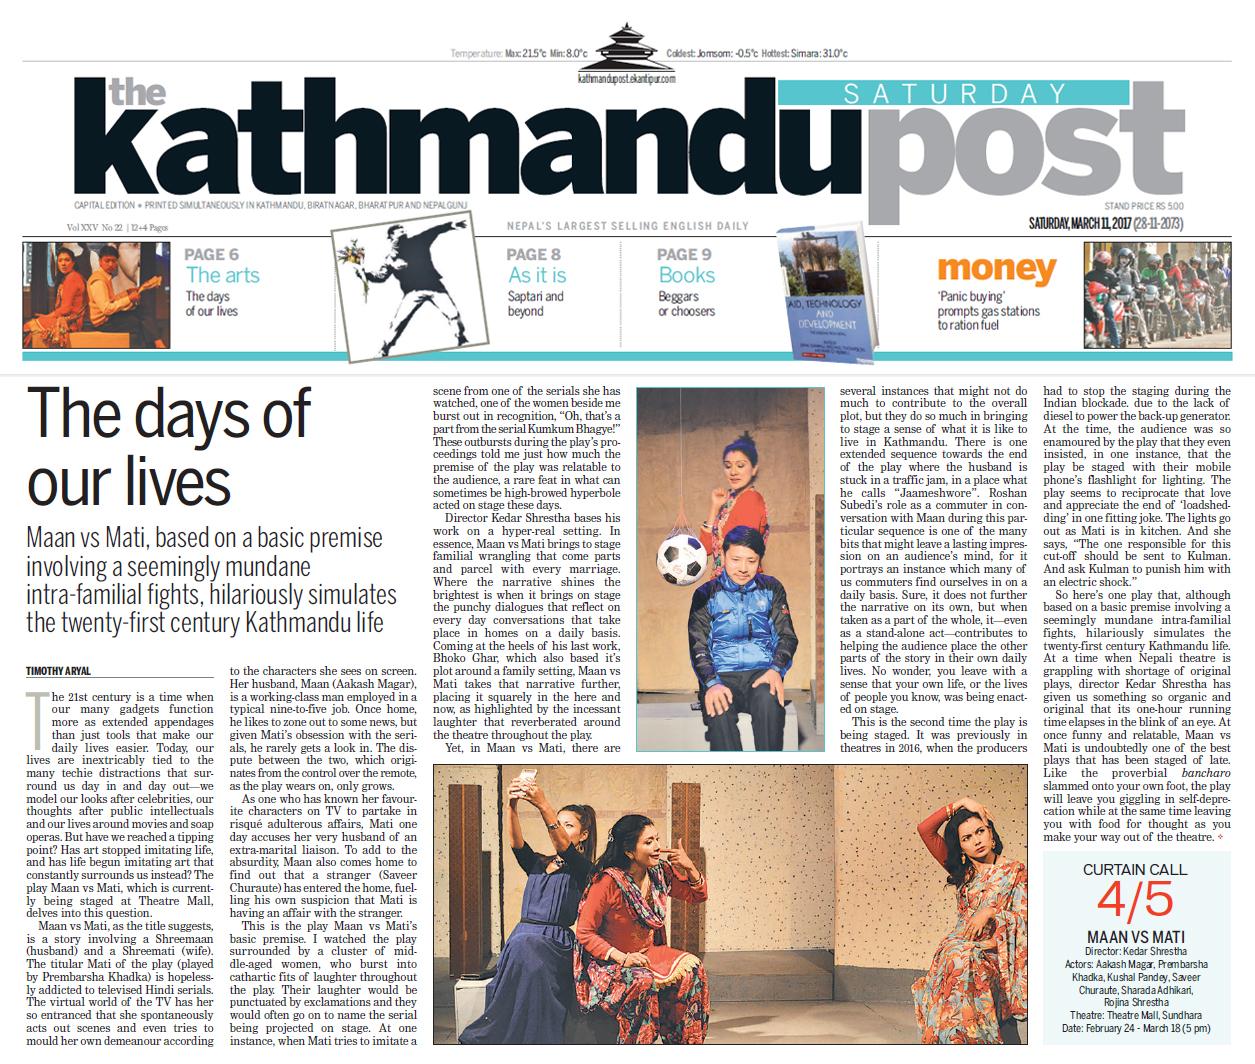 <p>Review of MAAN VS MATI in Kathmandu Post</p>